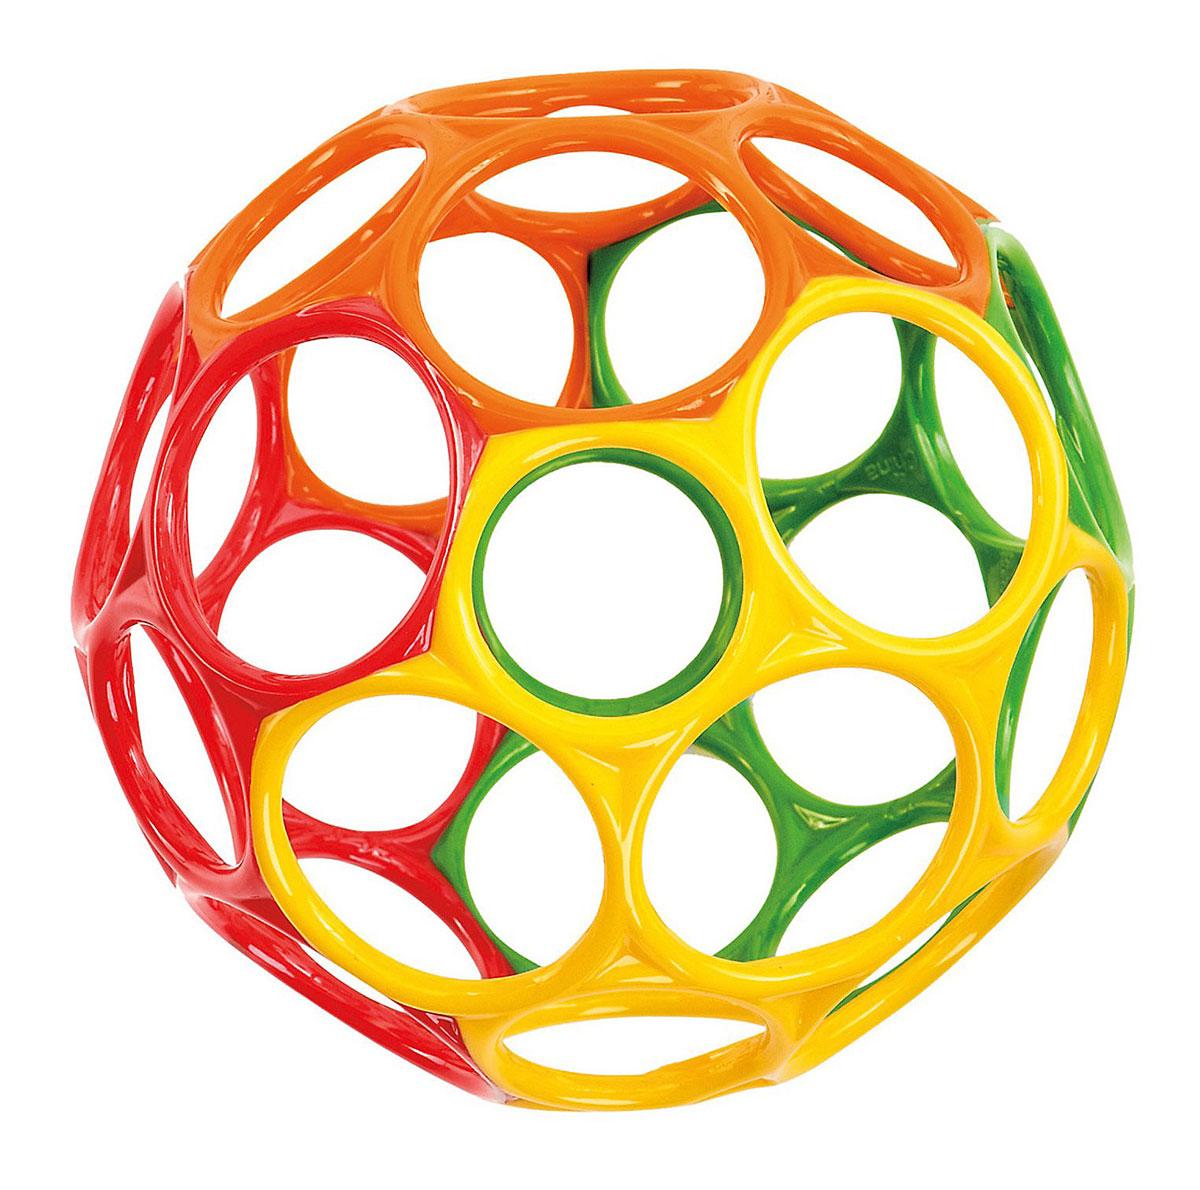 Oball Развивающая игрушка Мячик цвет красный зеленый желтый81061Игрушка развивающая Oball Мячик станет для вашего ребенка любимой игрушкой. Мячик выполнен из мягкого пластика ярких цветов. Мяч имеет множество отверстий для пальчиков, что делает его легким и позволяет даже самому маленькому крохе поднимать и удерживать игрушку. Его можно растягивать и сжимать, тренируя ручки ребенка и развивая мелкую моторику. Оригинальность материала и формы создают новый необычный инструмент для развития малыша, а положительные эмоции только усилят эффект.